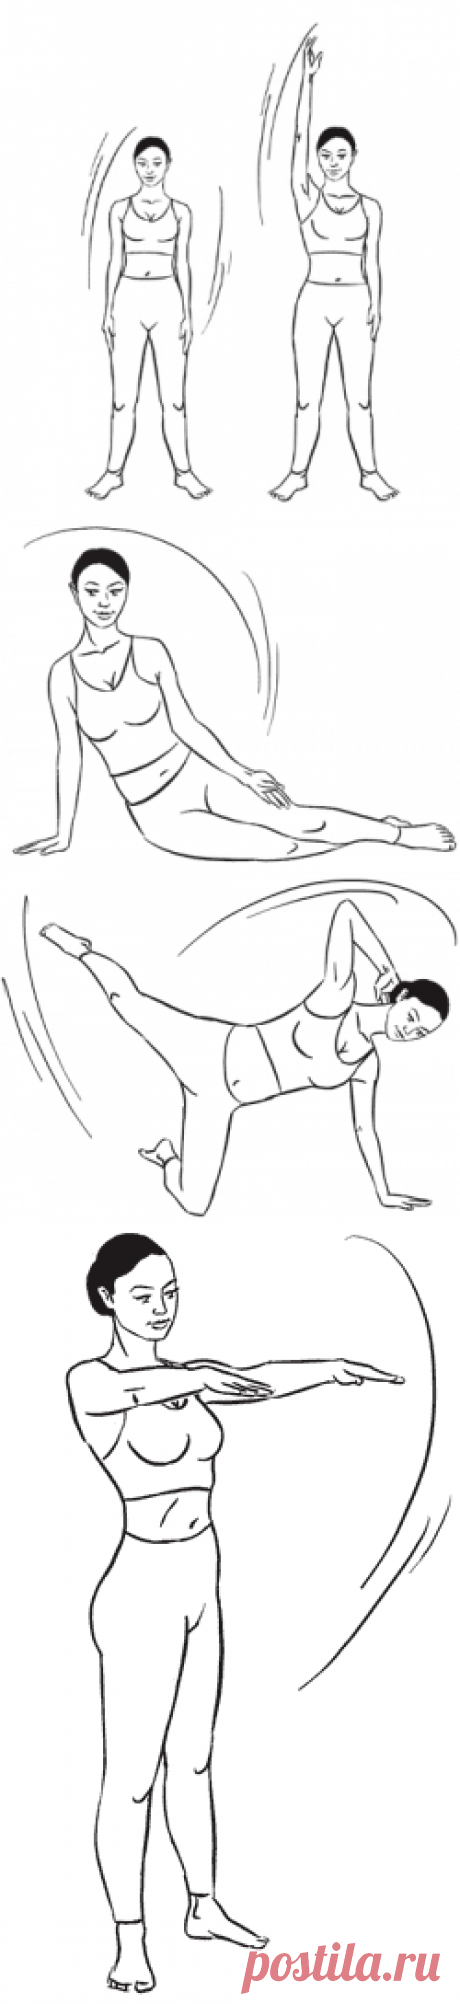 Пилатес: 19 упражнений для идеальной спины Благоприятное воздействие от занятий пилатесом многие женщины начинают ощущать уже после трех—четырех недель регулярного выполнения упражнений. Конечно же многое индивидуально и будет зависеть от того, как часто вы занимаетесь. А вы знали, что Пилатес — это человек? Я — нет.